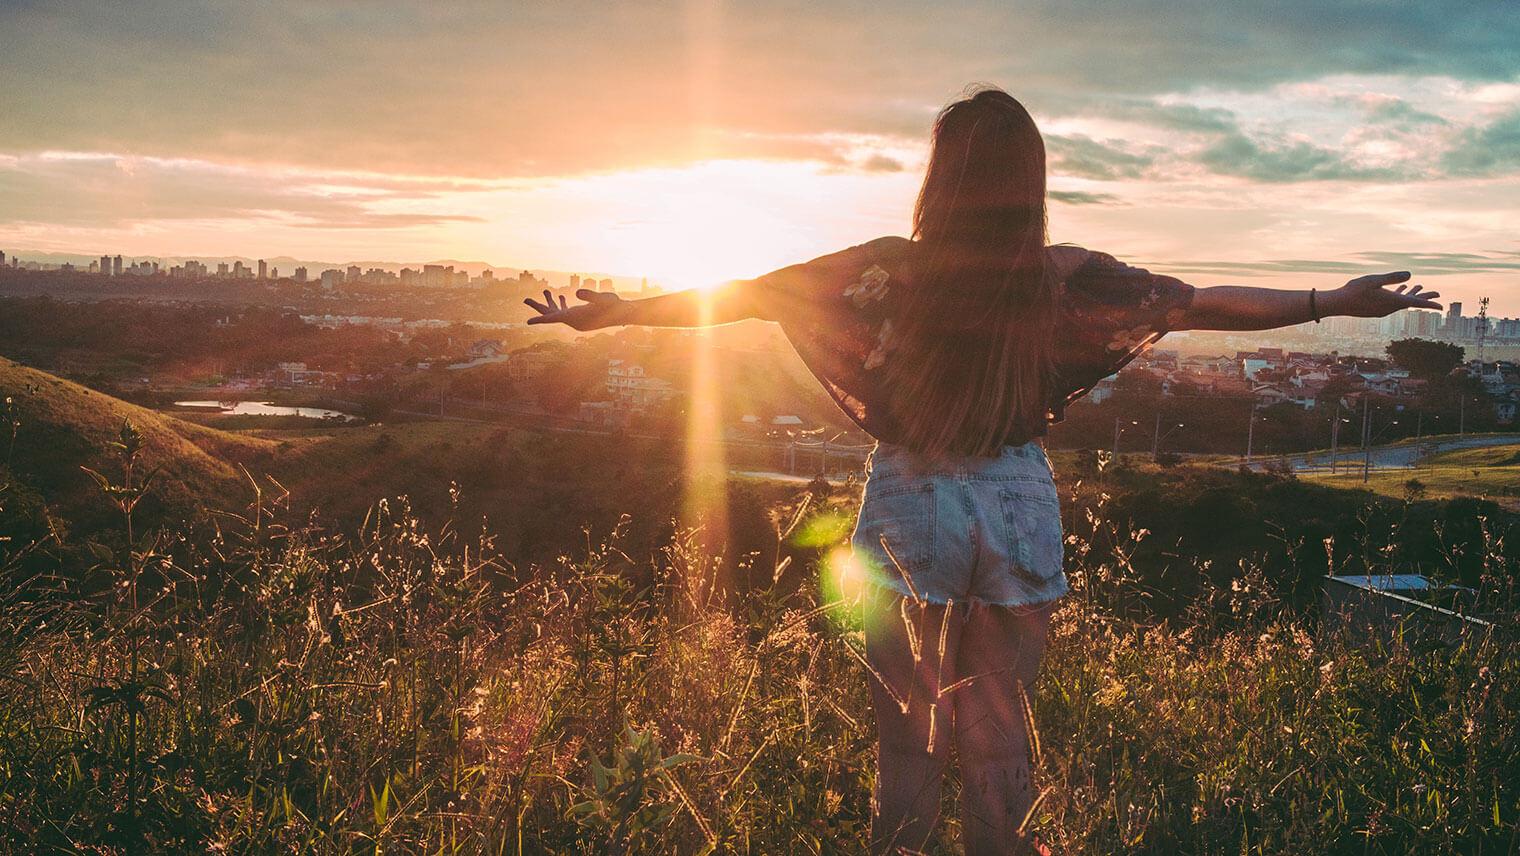 草原の中で短パンを履いた髪の長い女性が朝日に当たって両手を広げている写真